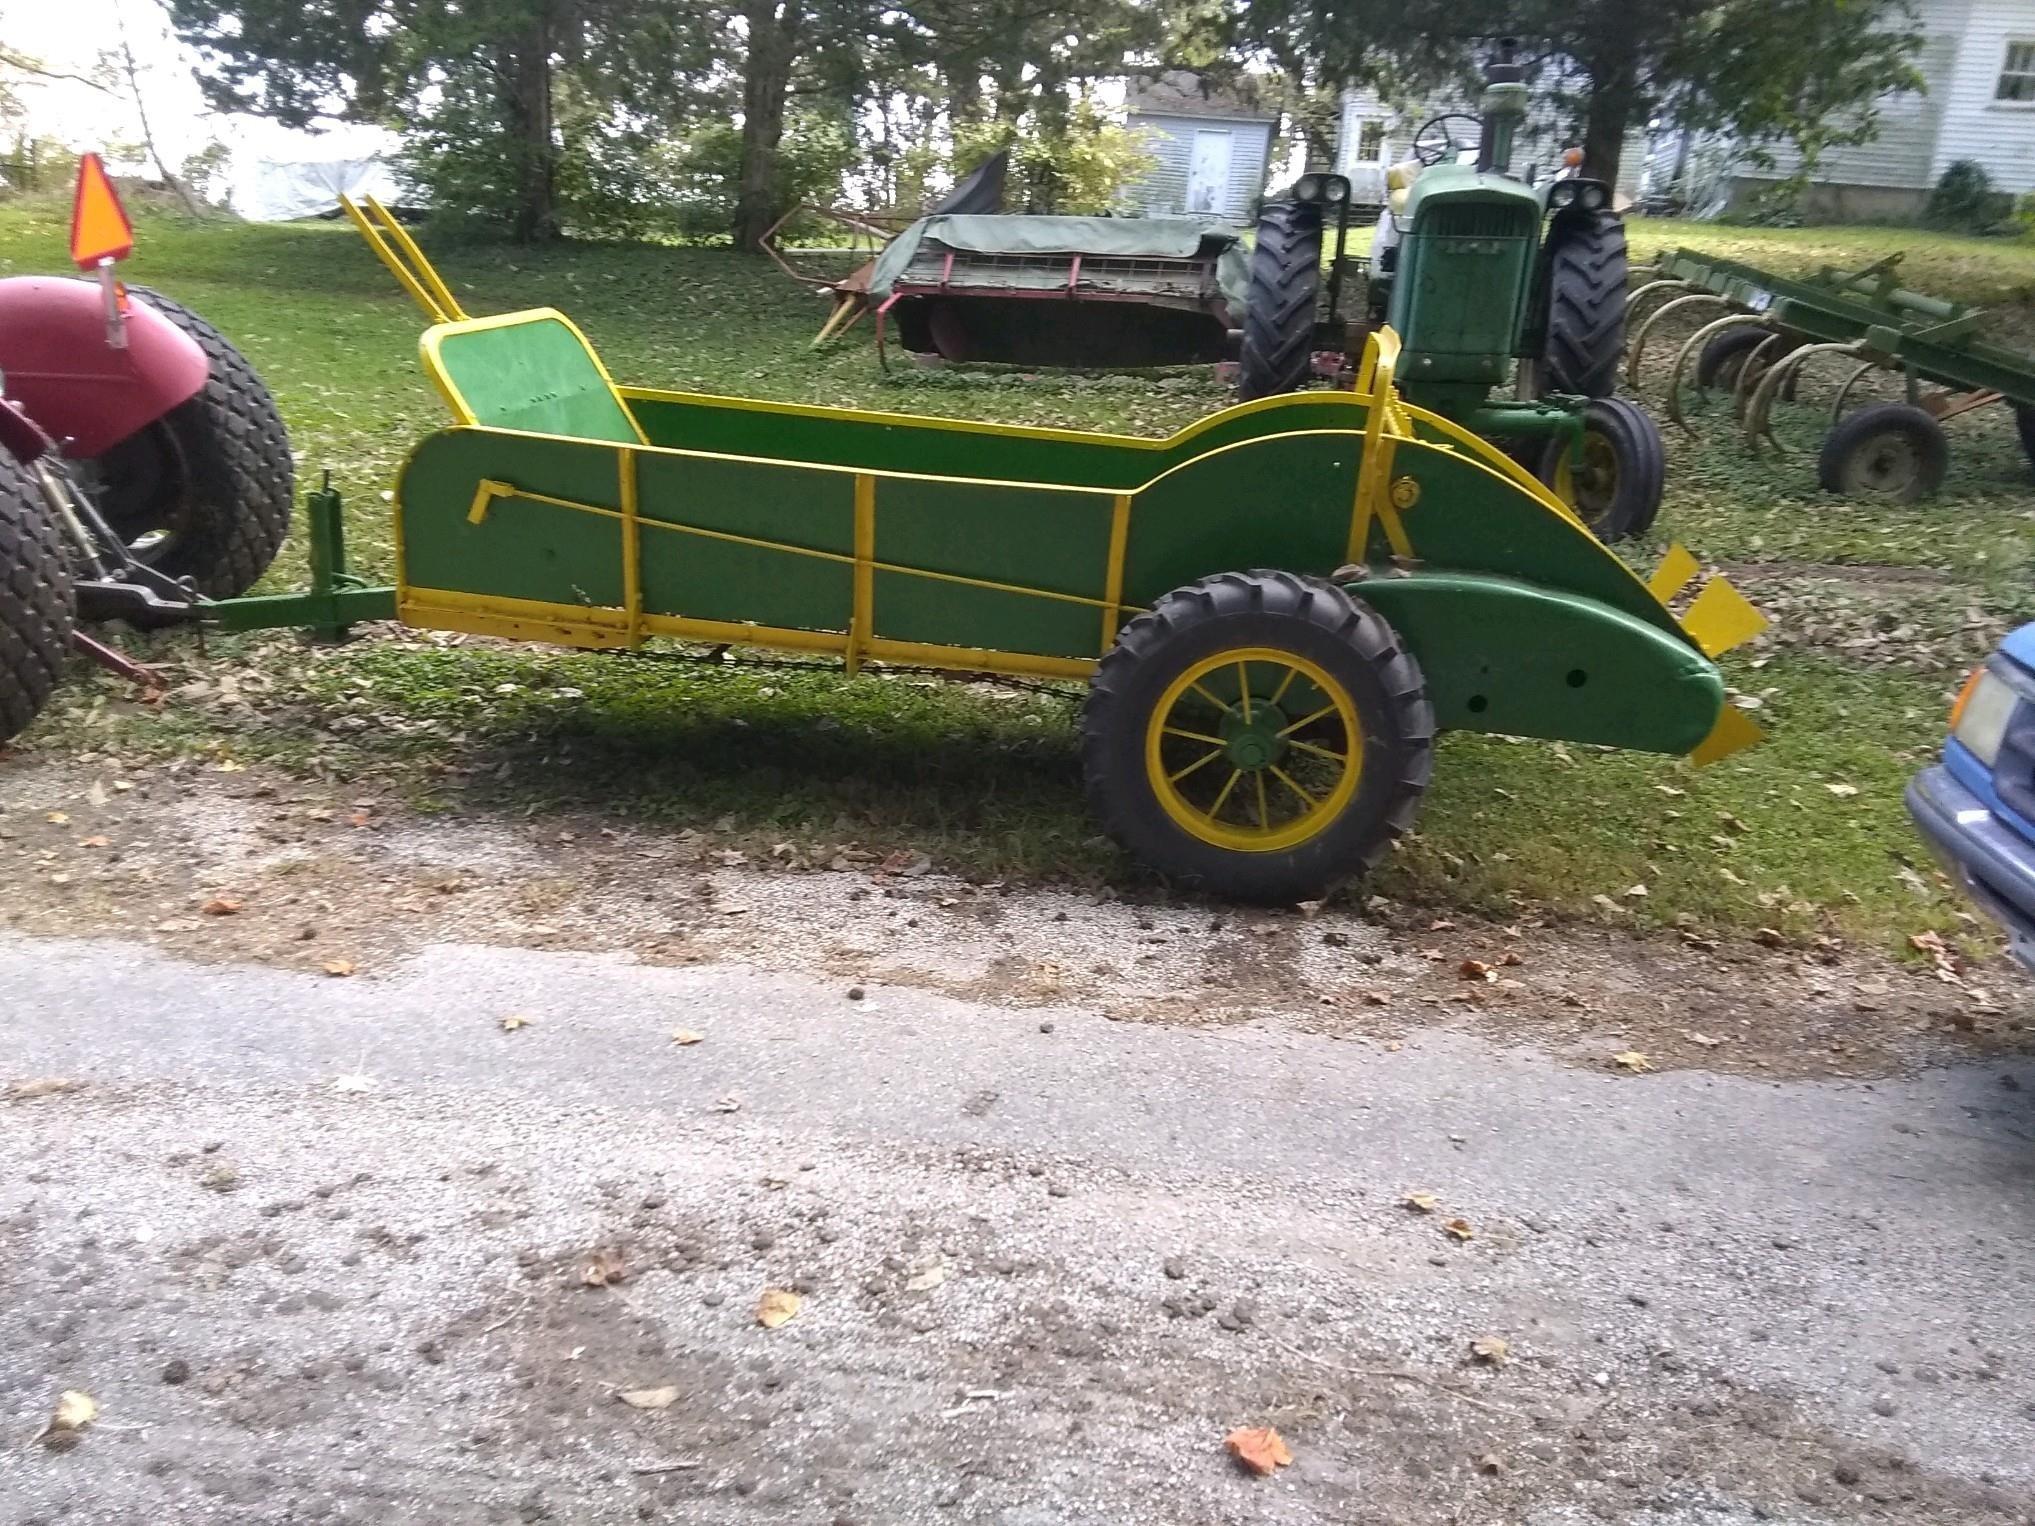 1950 John Deere M Tractor